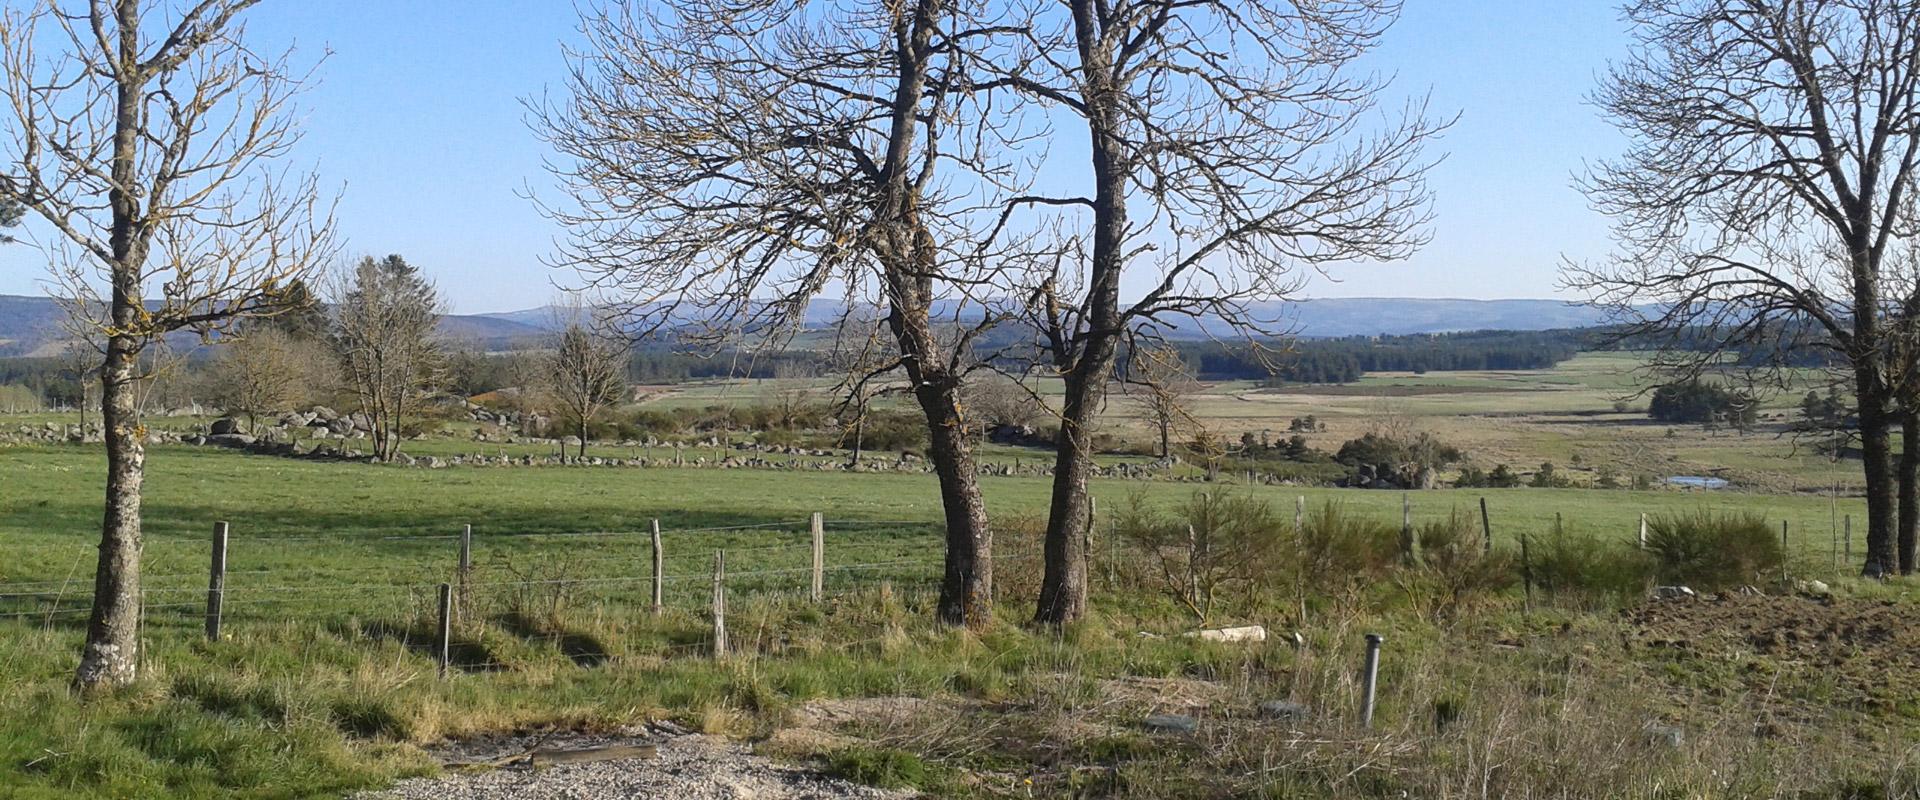 Gîte rural Lou Saltret : vue dégagée sur la plaine de Montbel en Lozère